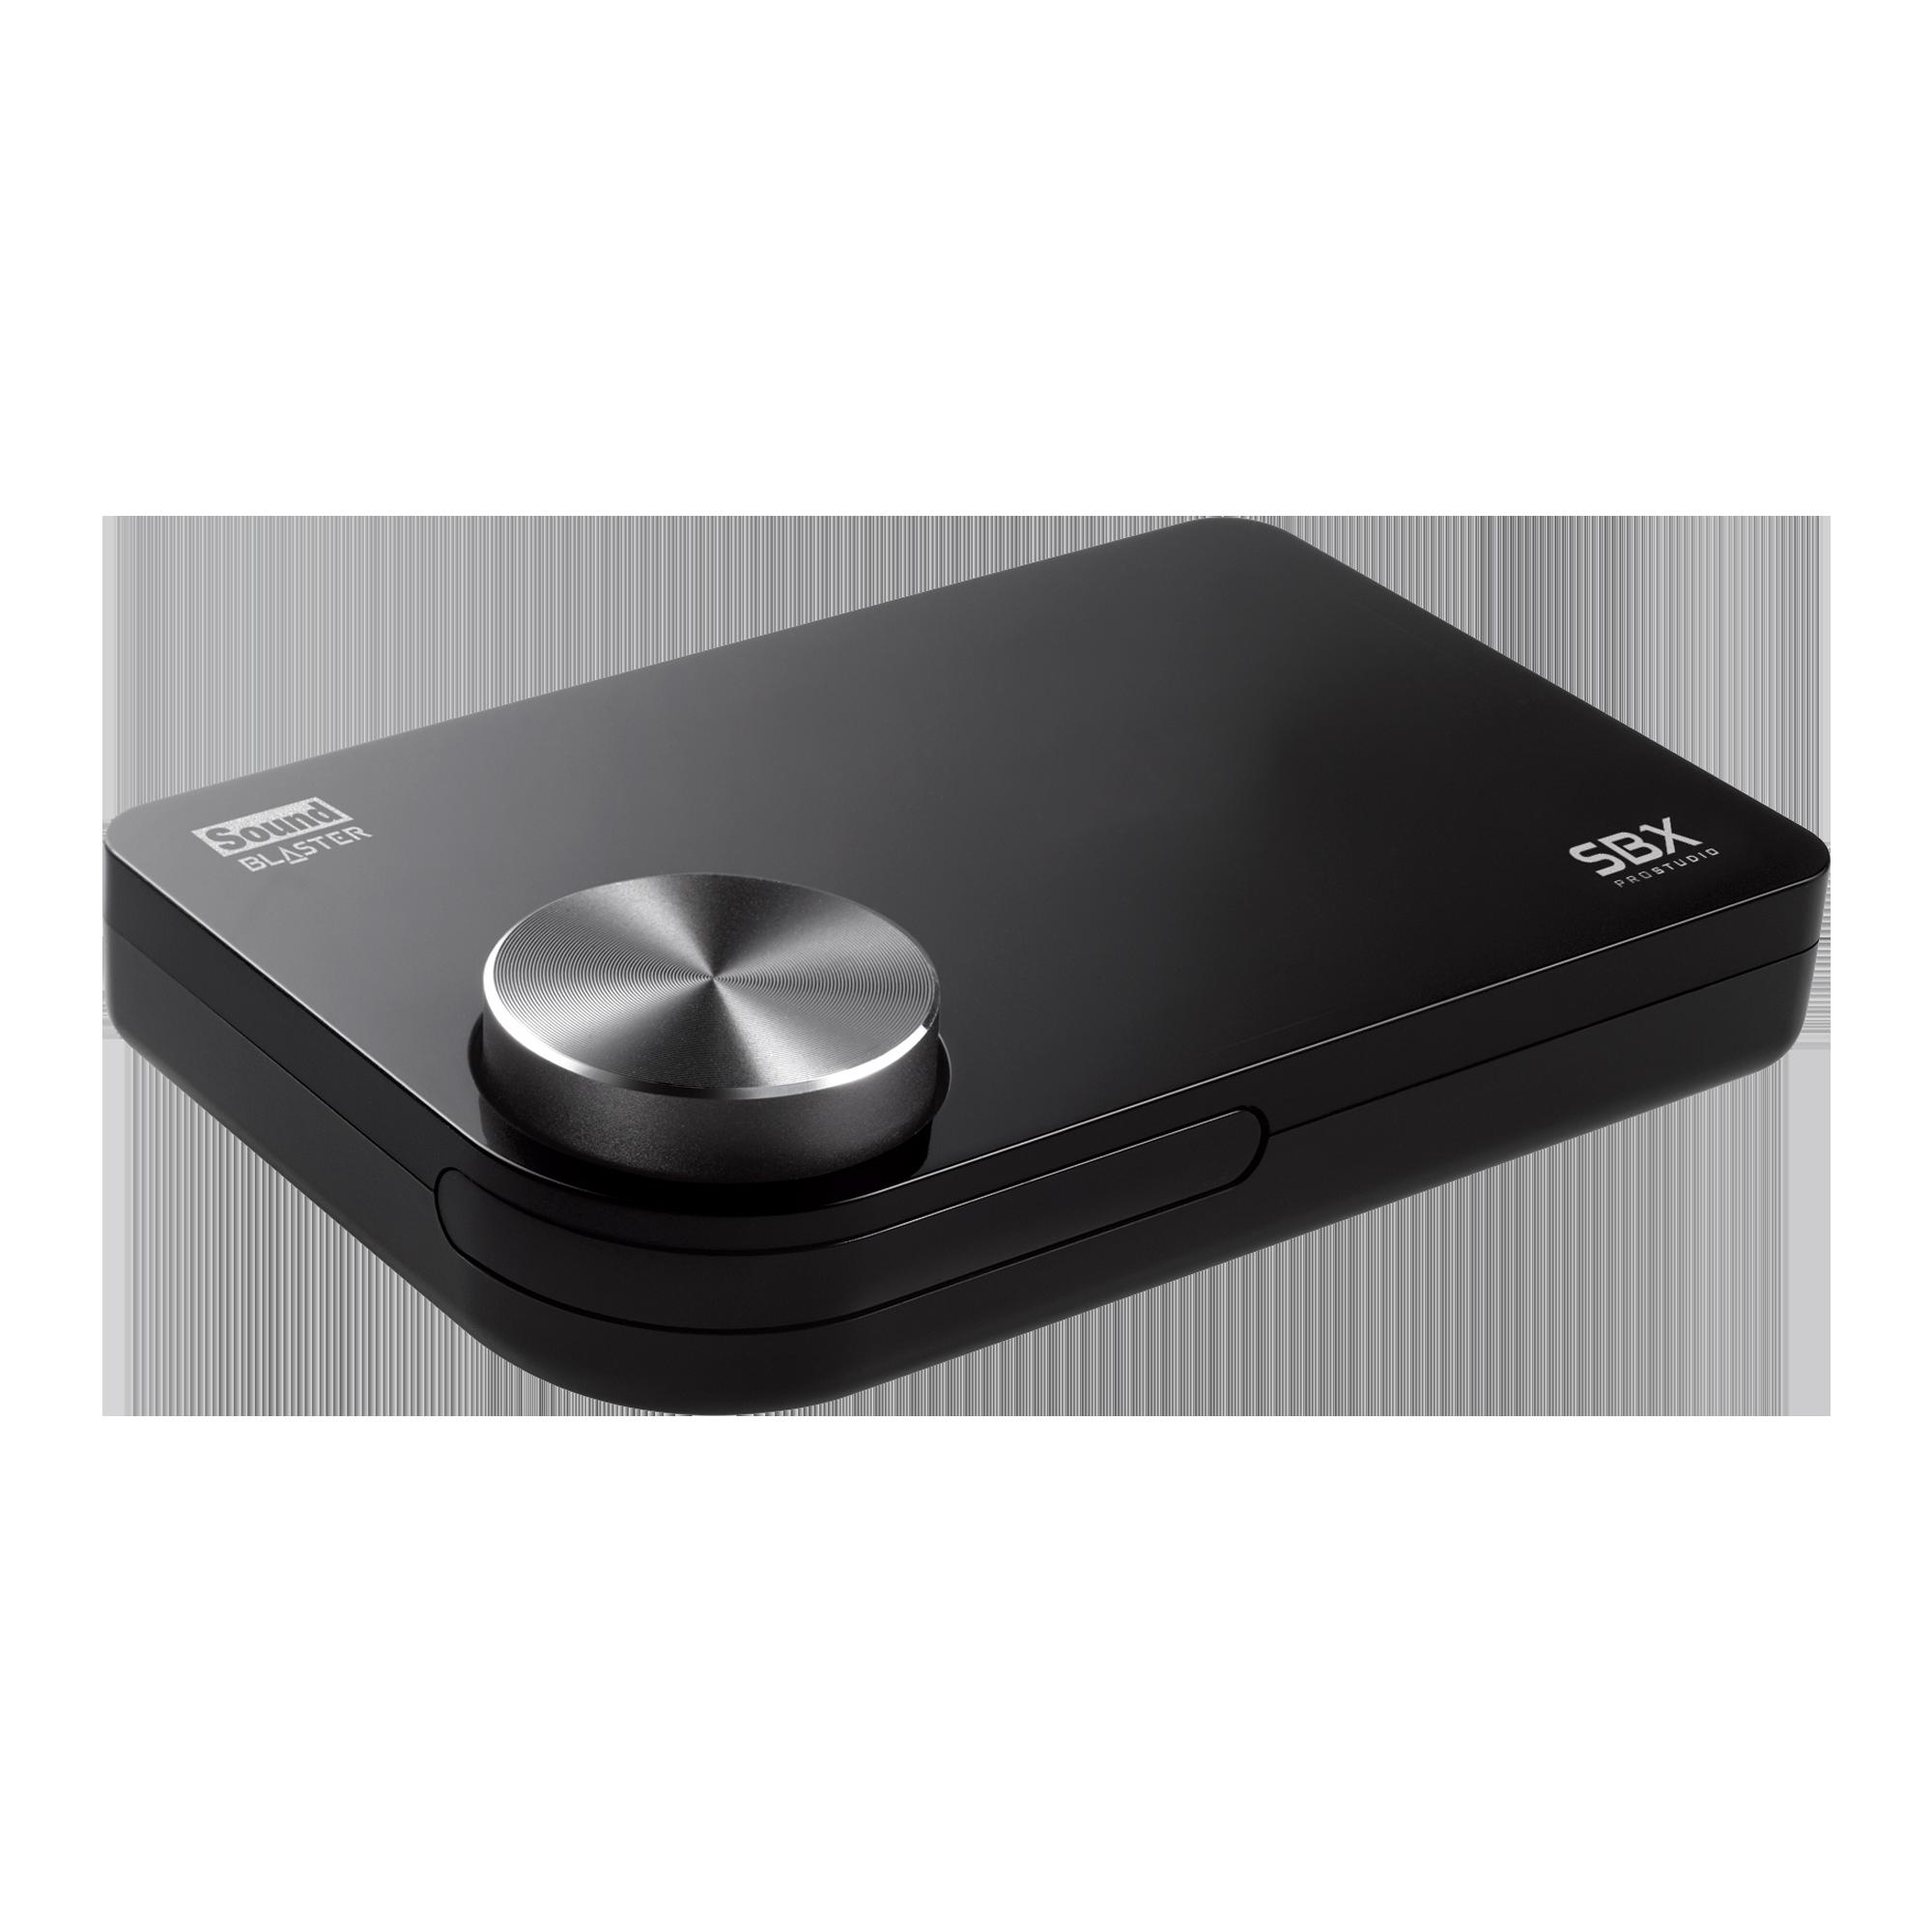 Sound Blaster XFi Surround 5.1 Pro